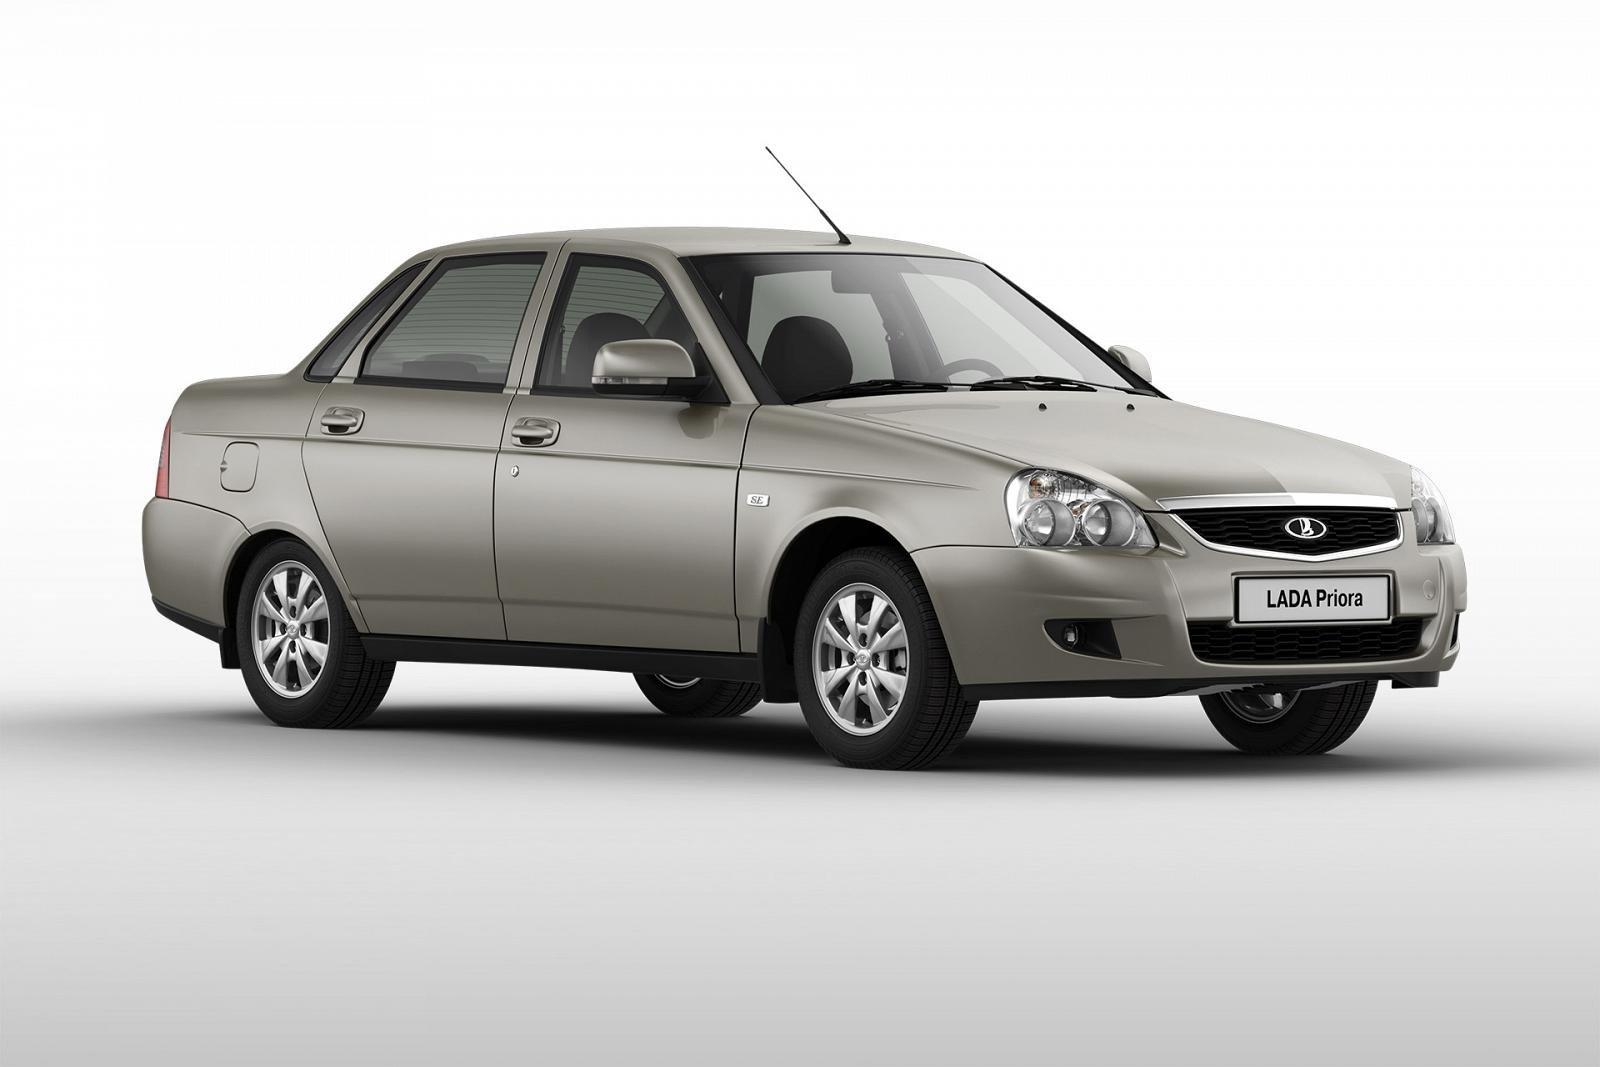 Продажи новых легковых коммерческих авто в Российской Федерации вышли в нуль